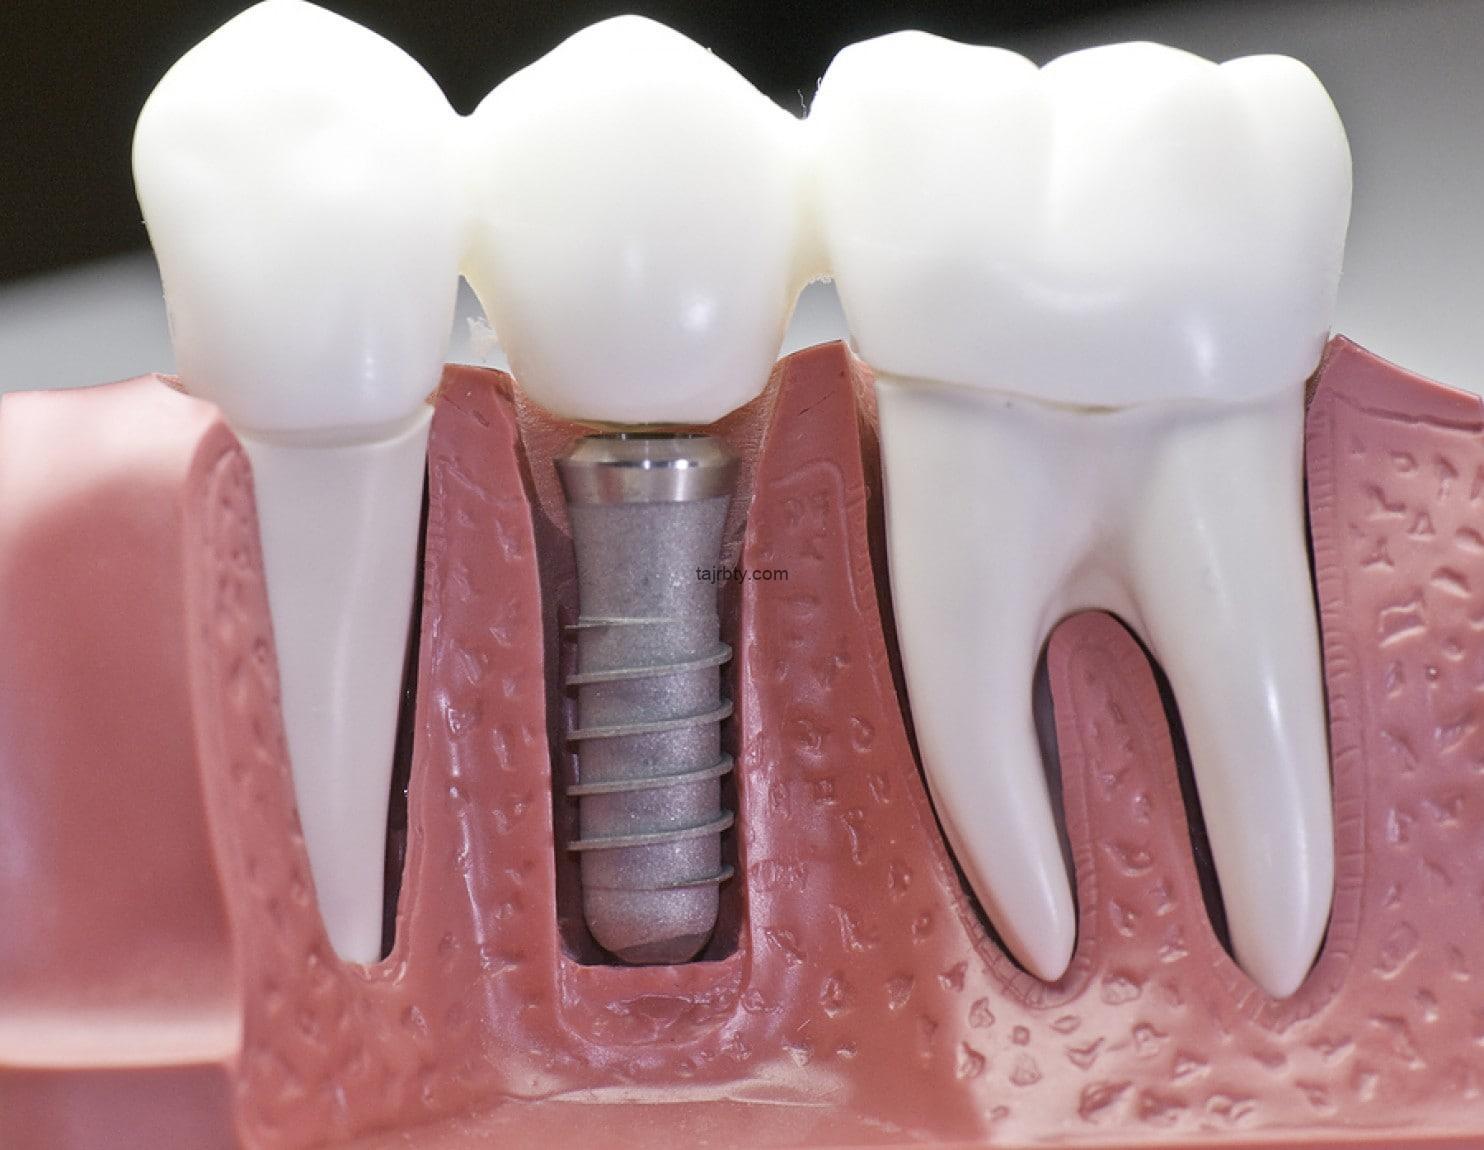 تجربتي مع زراعة الأسنان الفورية